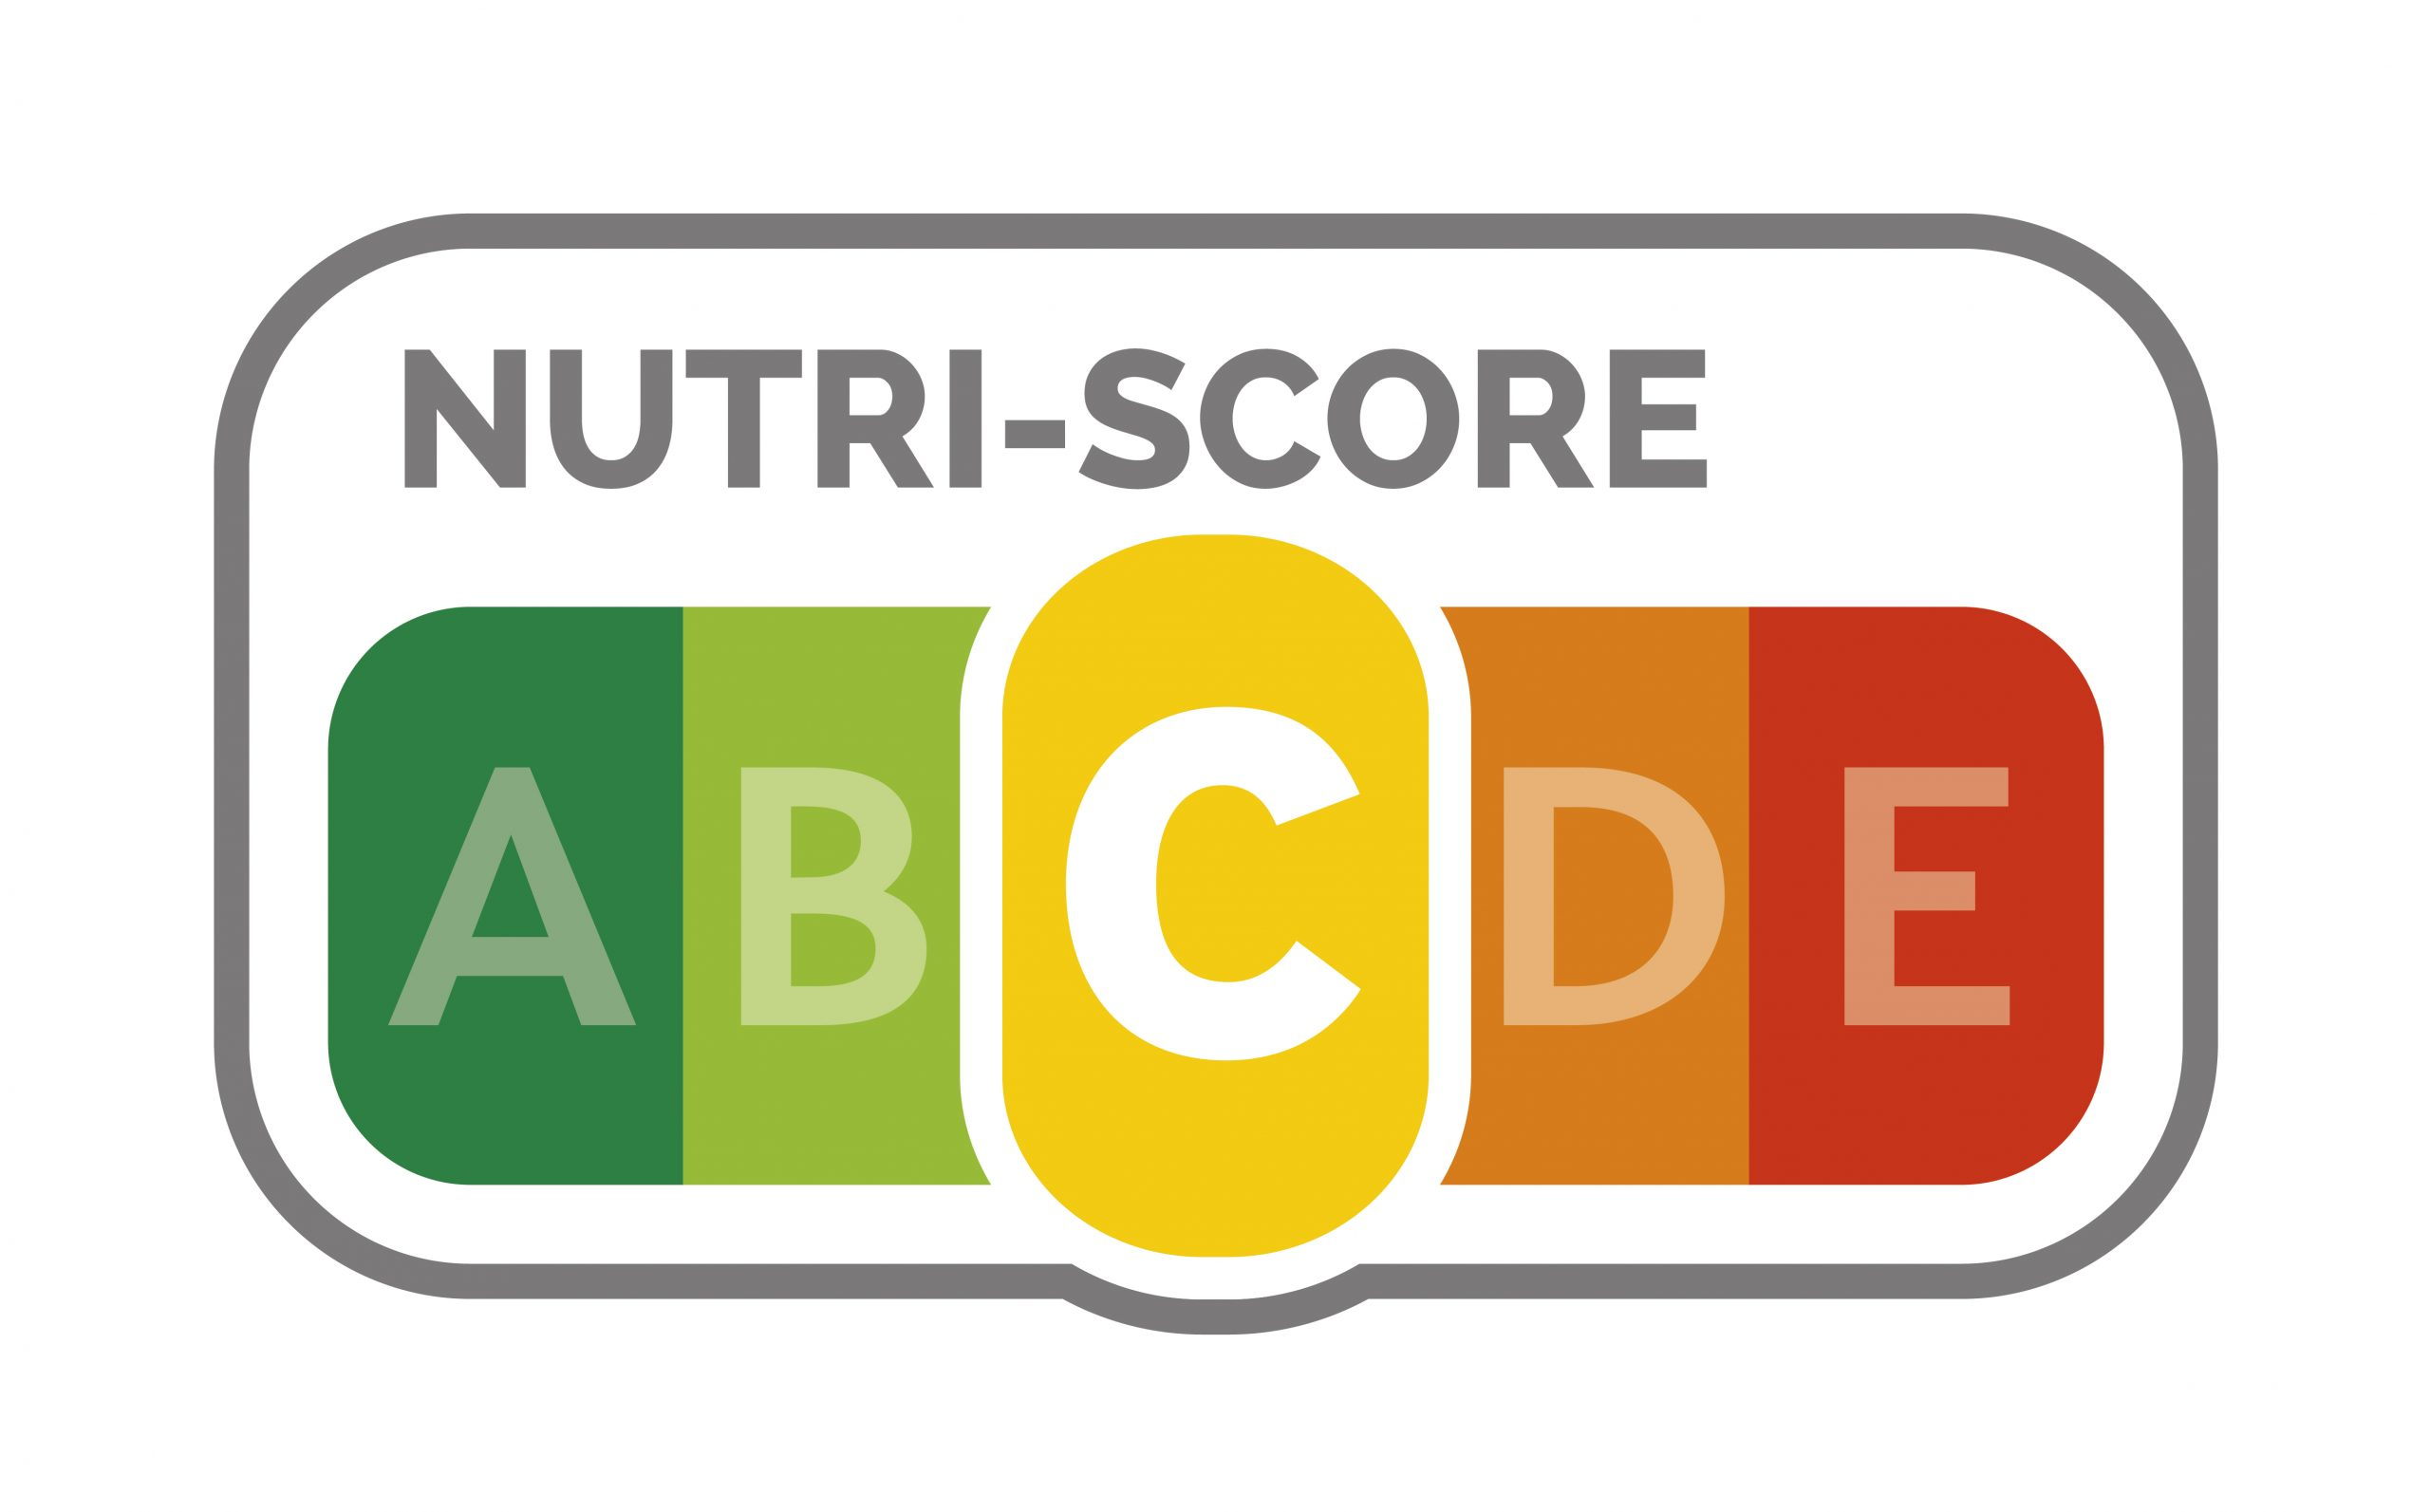 Nutri Score Tabelle & Rechner